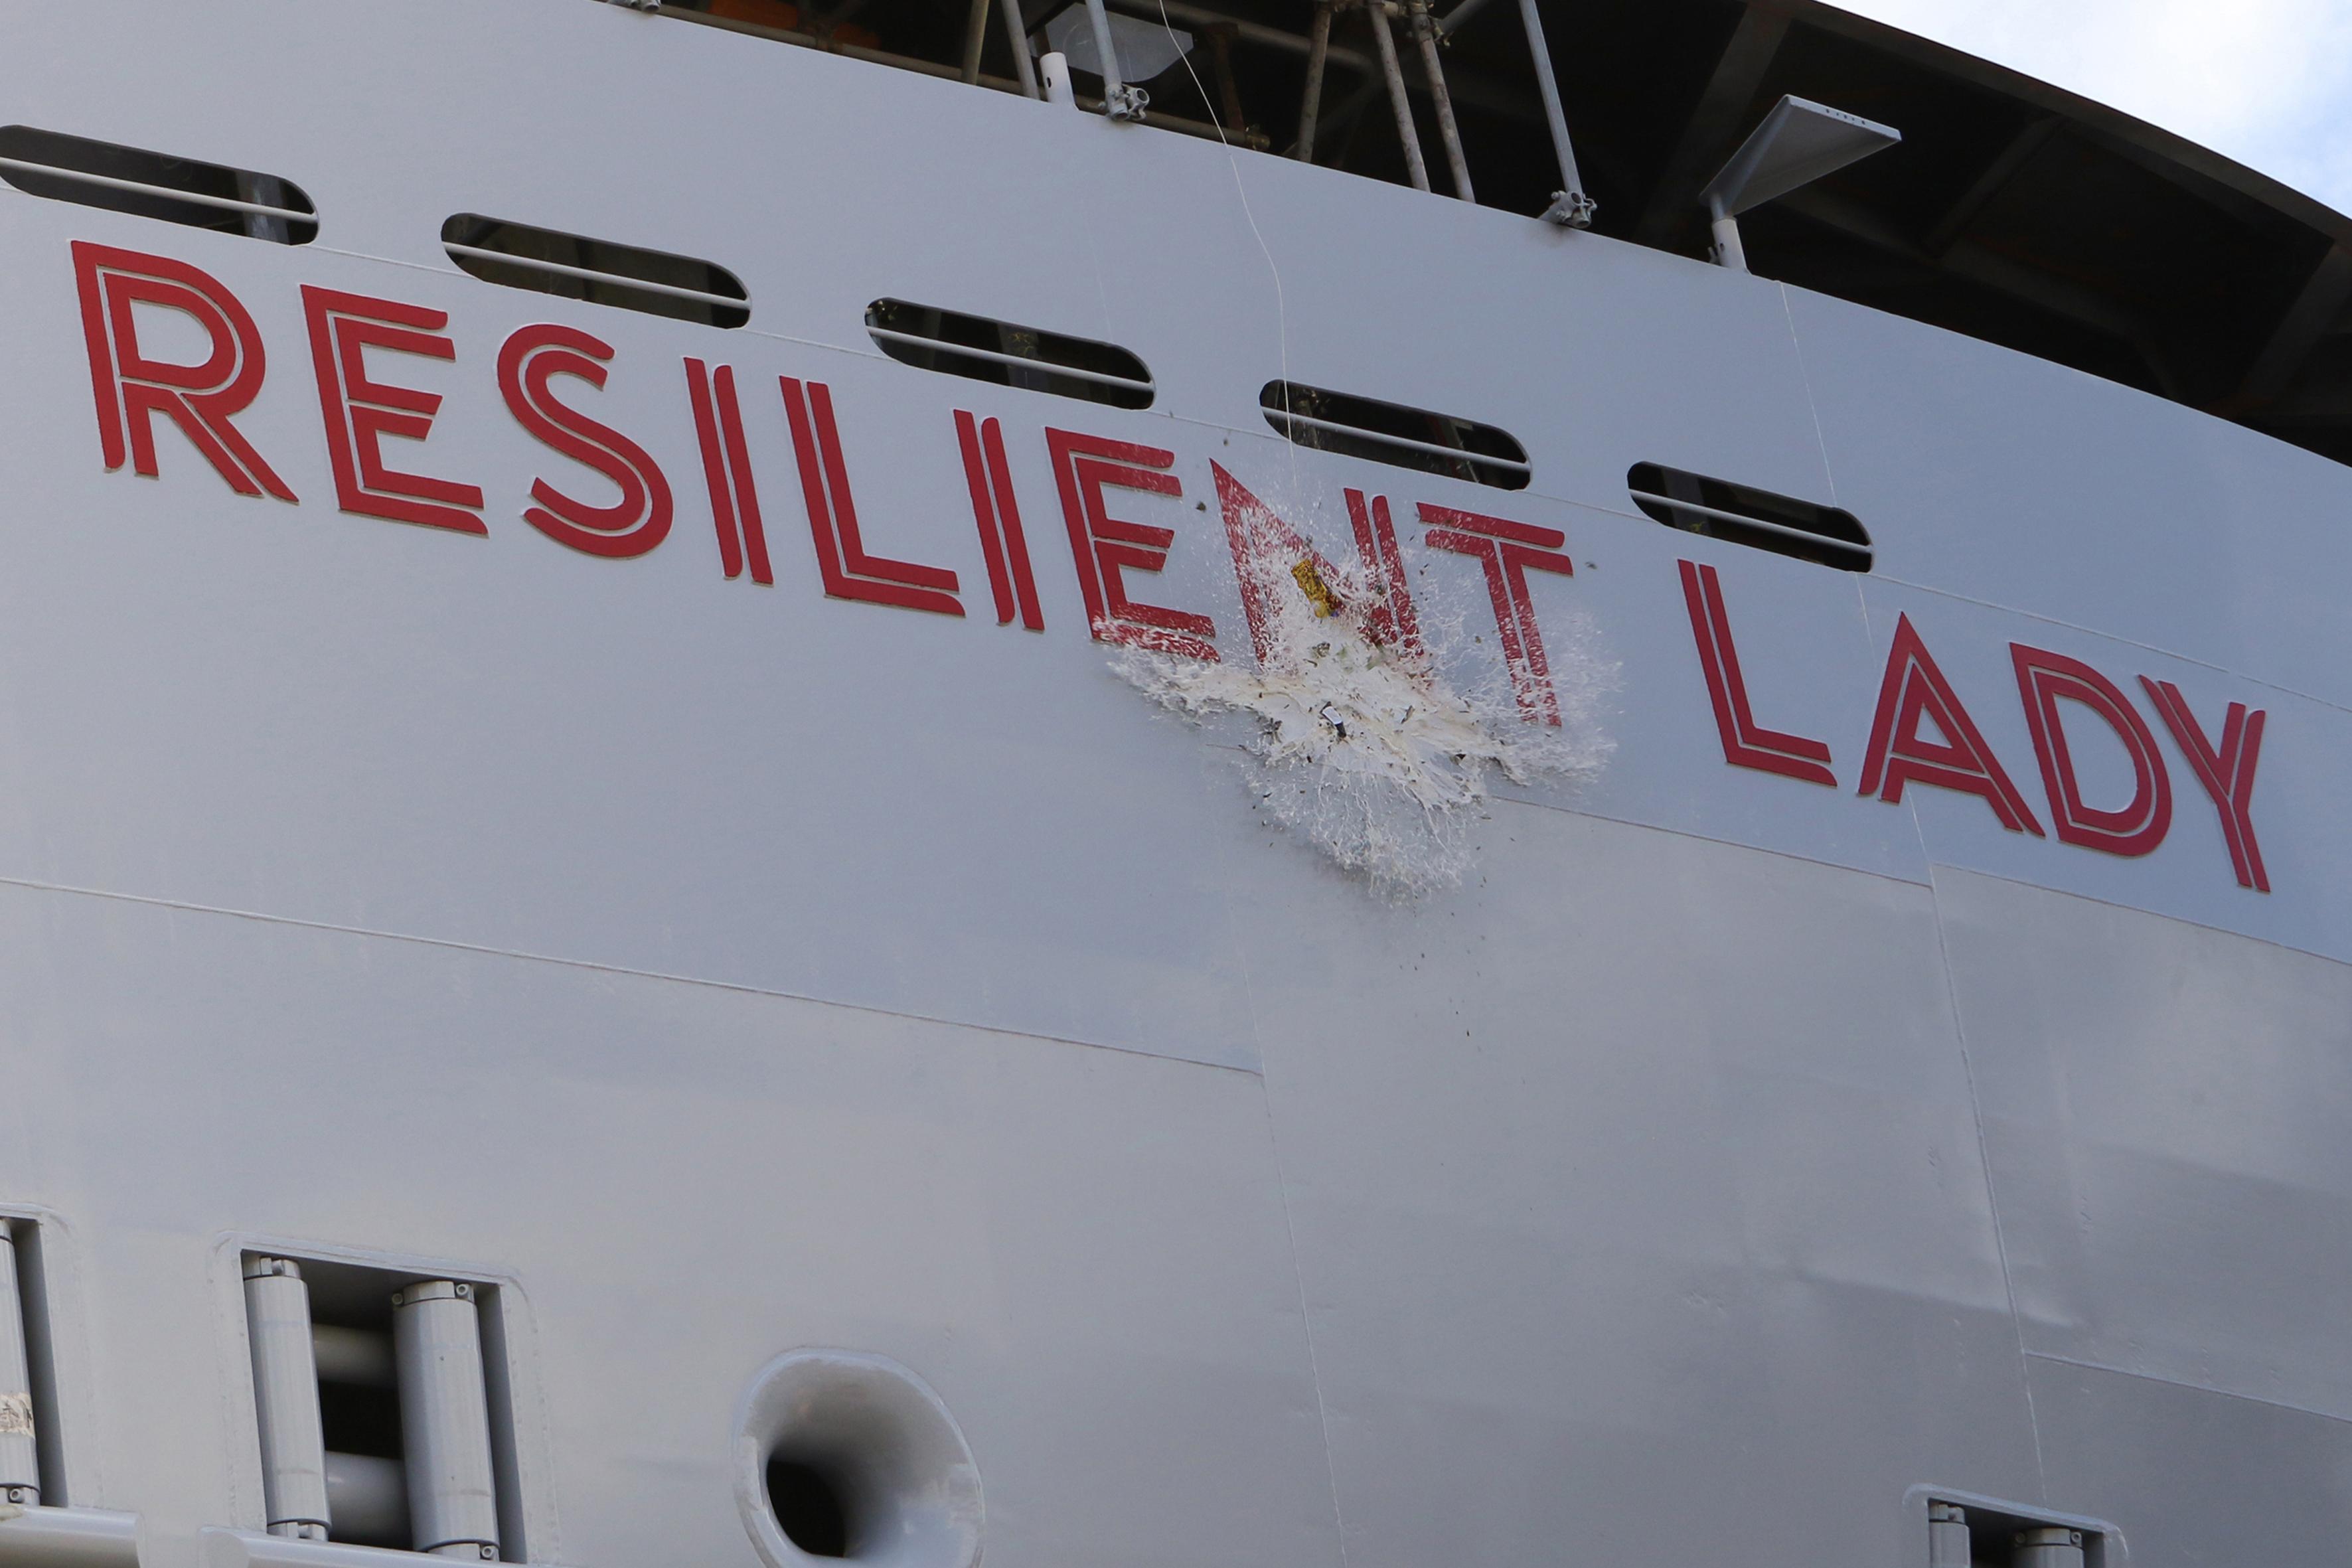 Fincantieri: Valiant Lady e Resilient Lady, le nuove navi da crociera che riducono l'impatto ambientale